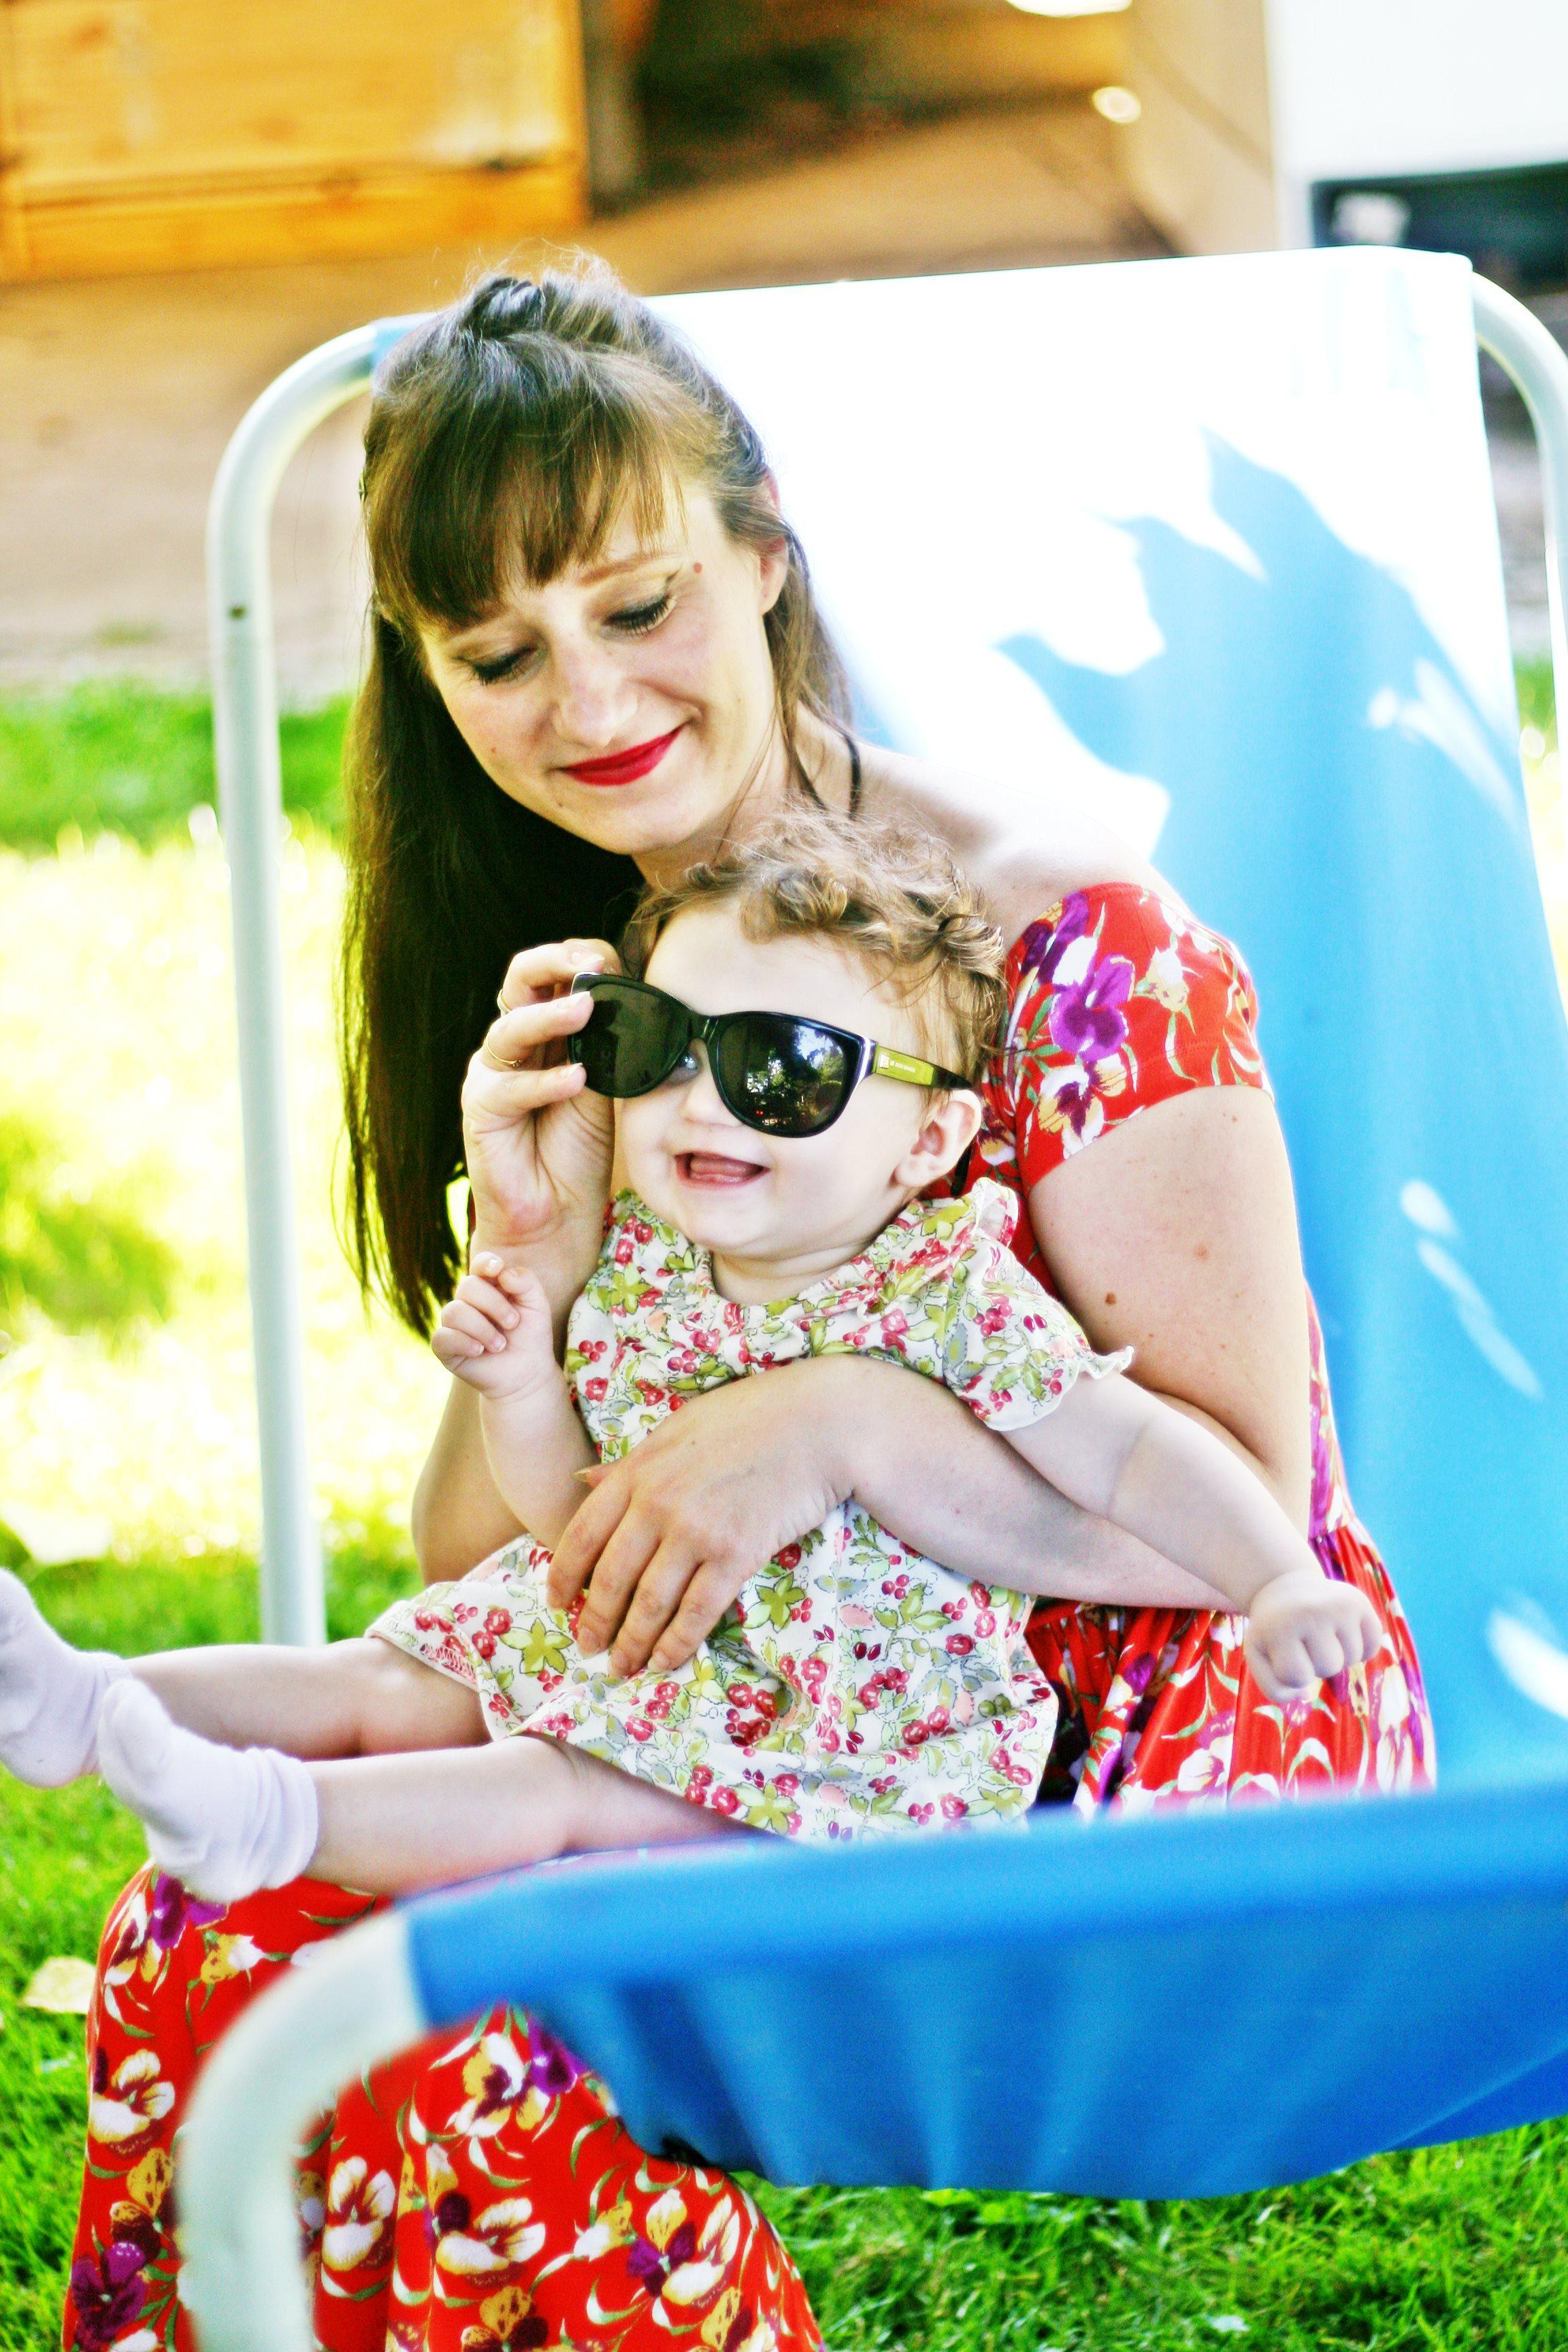 temps précieux du temps avec son enfant